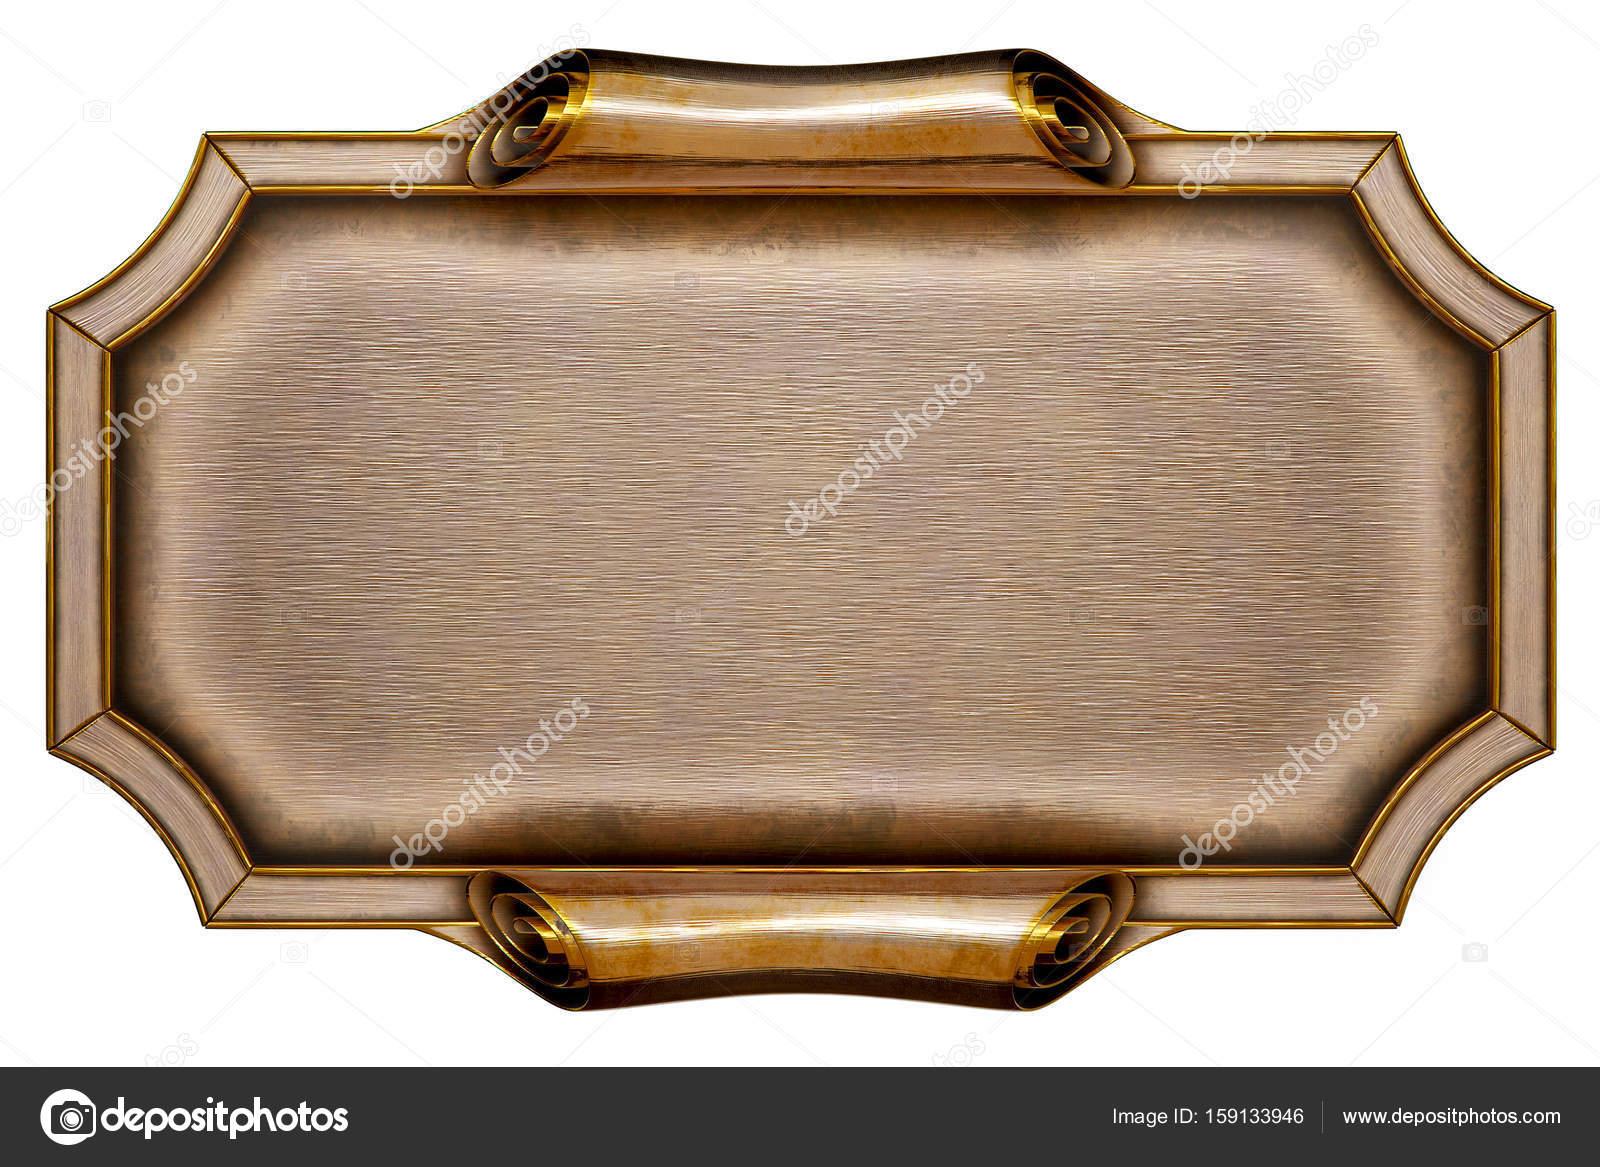 Metall-Plakatwand mit schönen Rahmen — Stockfoto © dimdimich #159133946